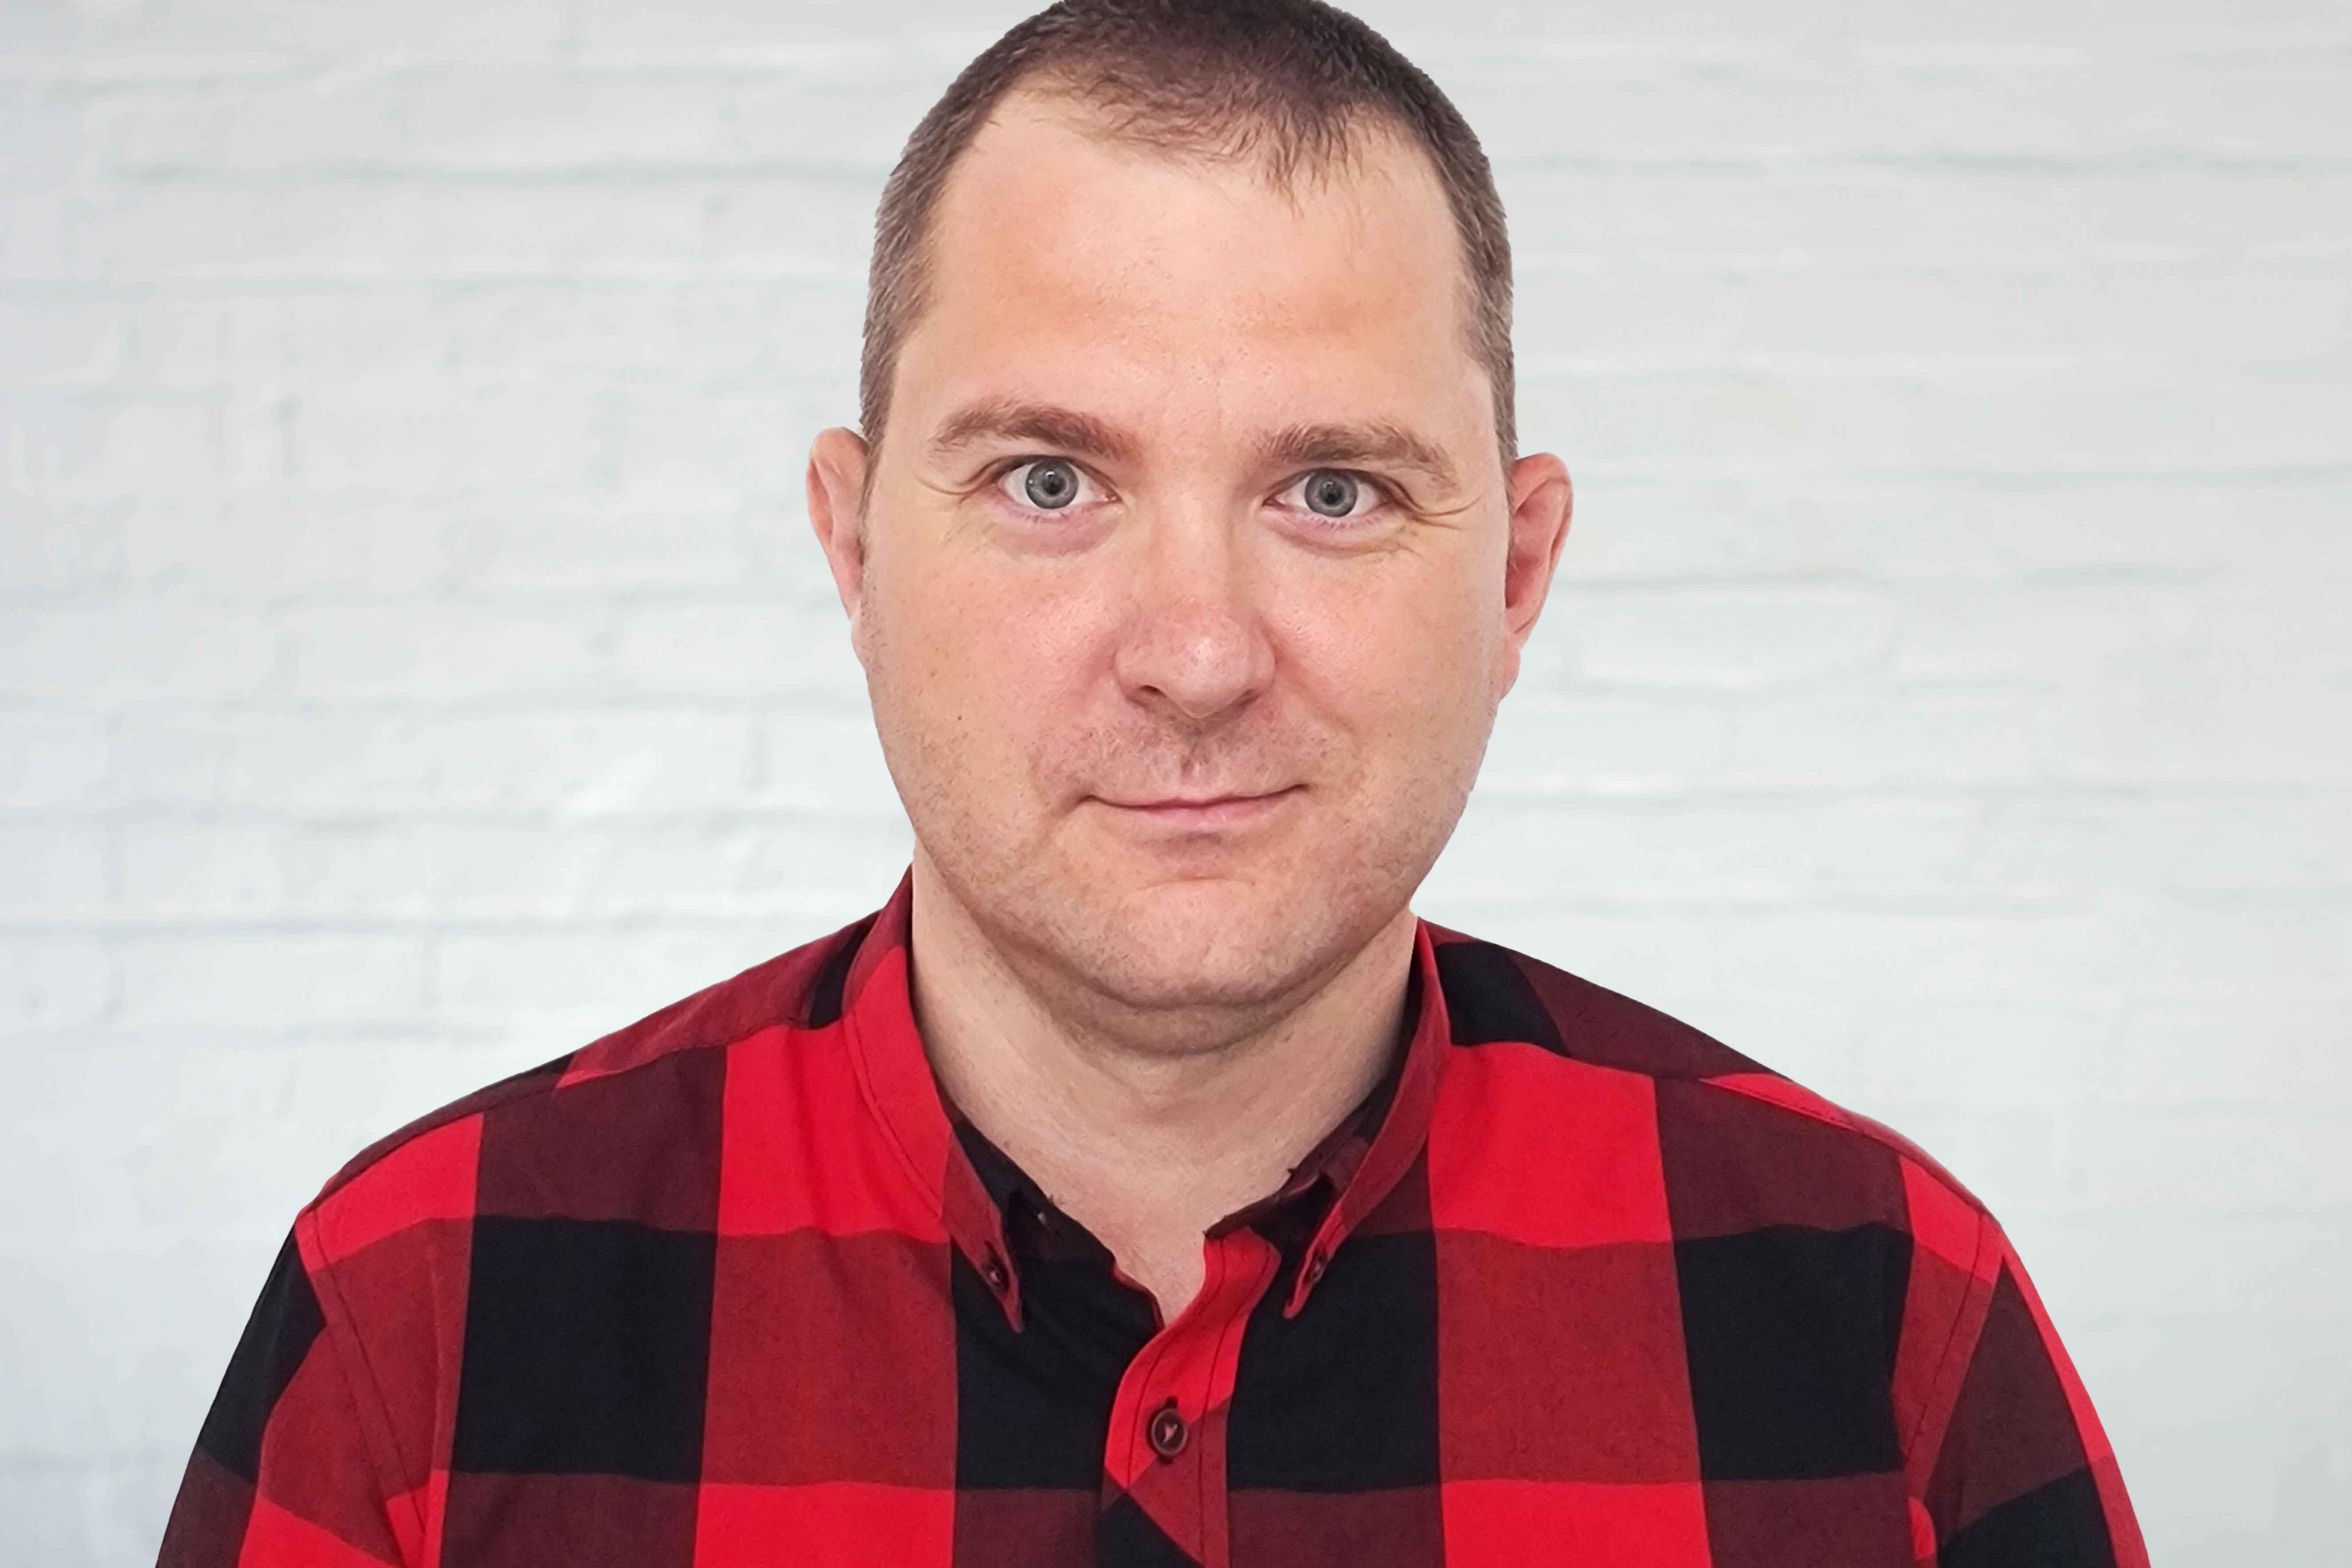 Volodymyr Snitko